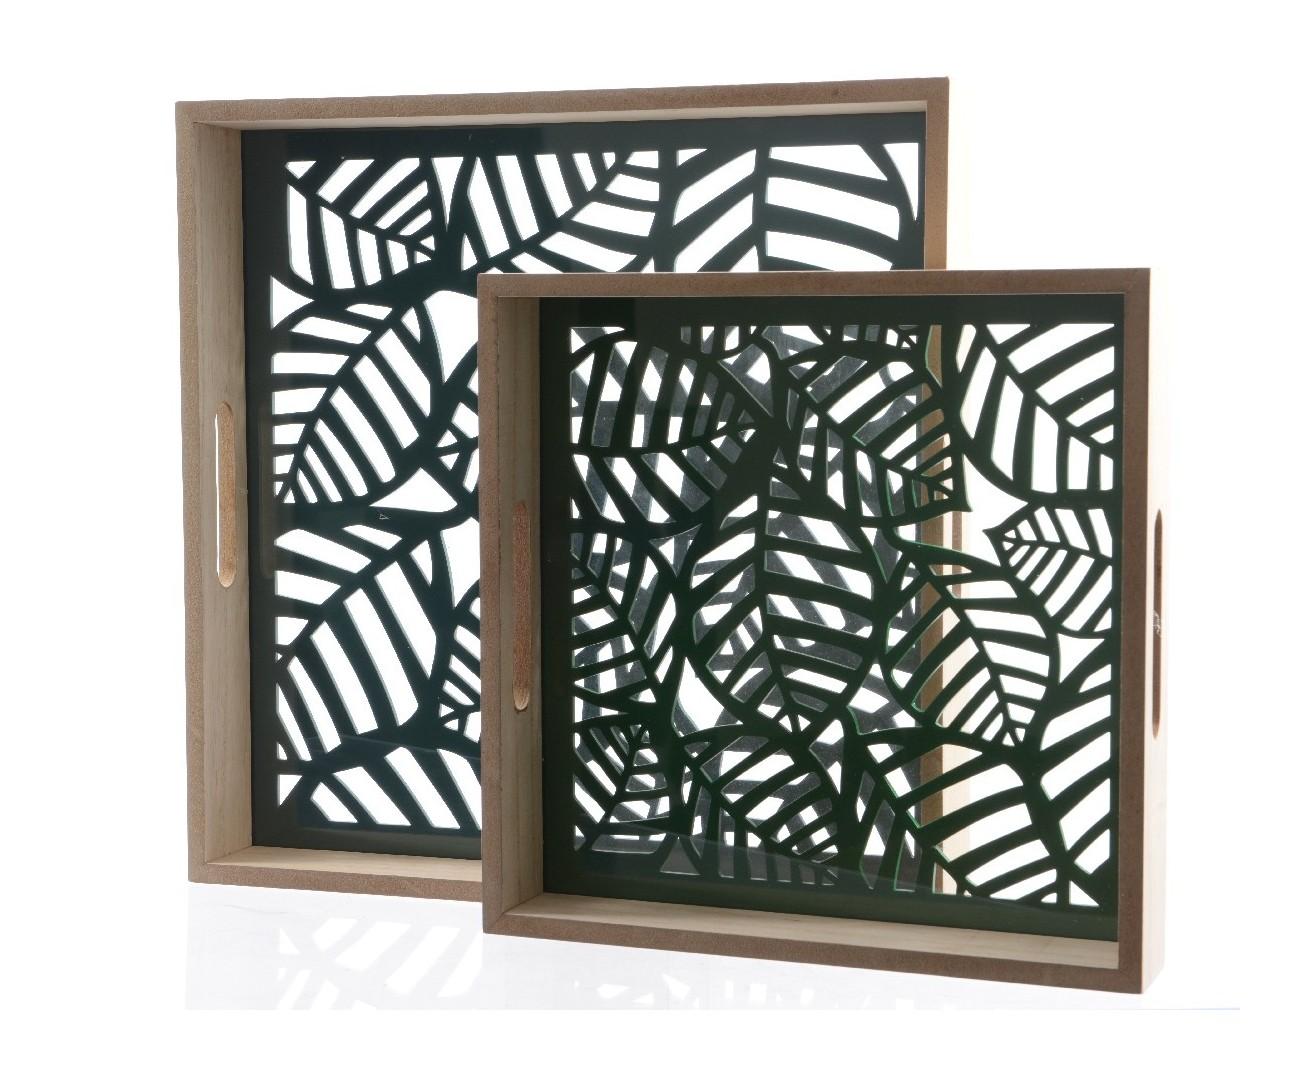 Комплект из двух сервировочных подносов с прорезанными листьямиКухонные наборы посуды<br>Размеры подносов: 36x36x5 см, 28x28x5 см<br><br>Material: МДФ<br>Length см: 36<br>Width см: 36<br>Height см: 5